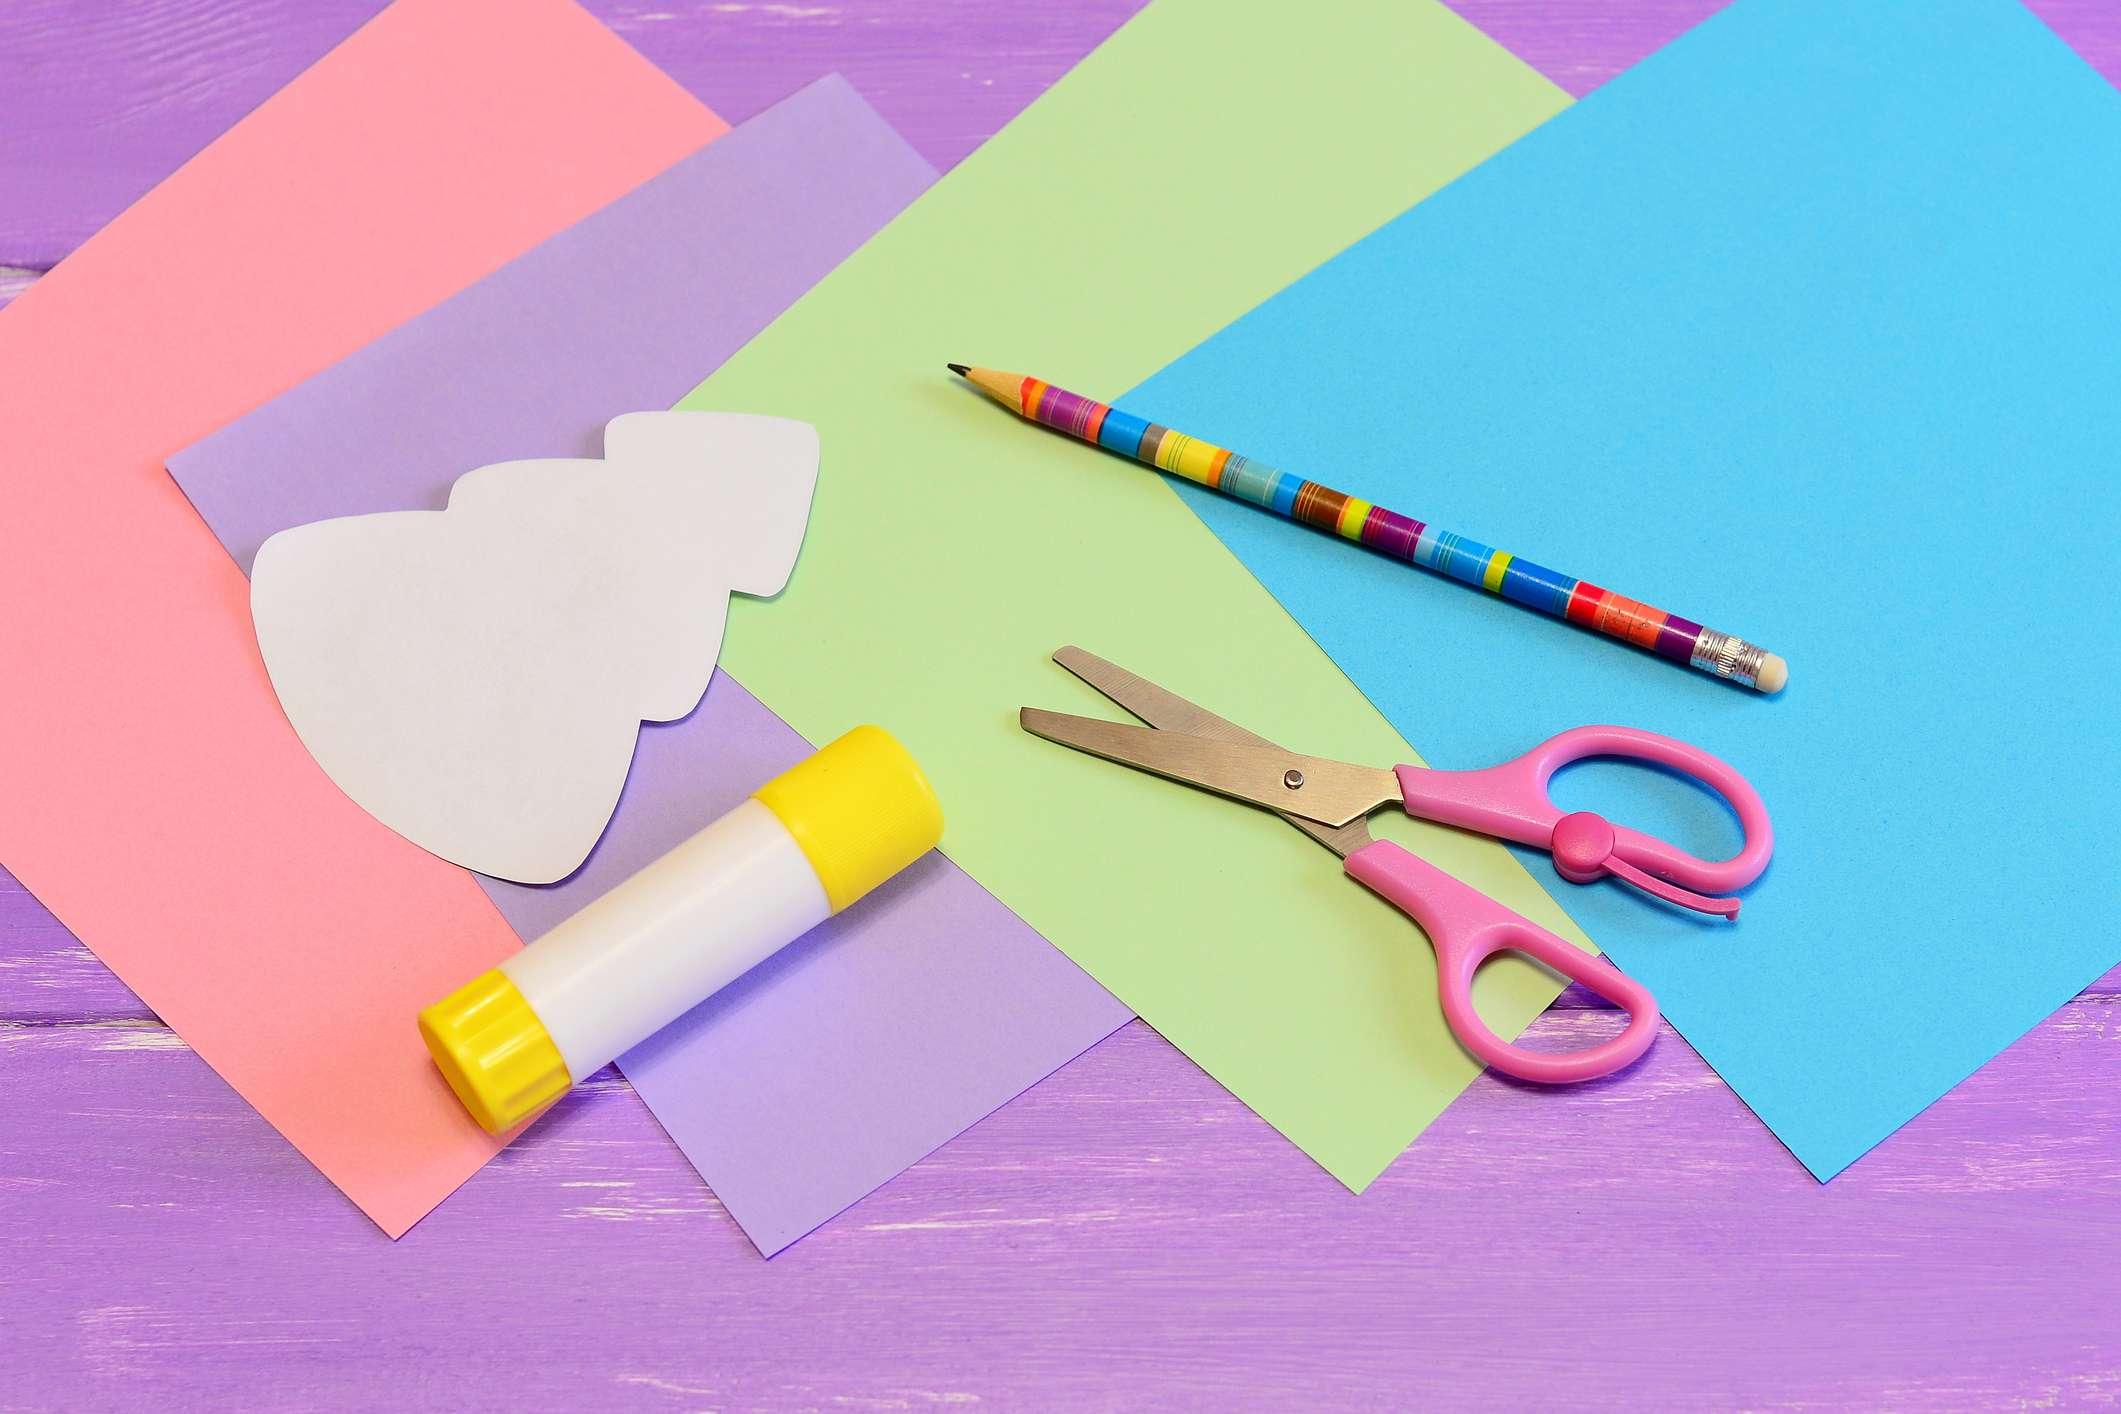 Старых, как сделать открытку своими руками из бумаги без клея и ножниц